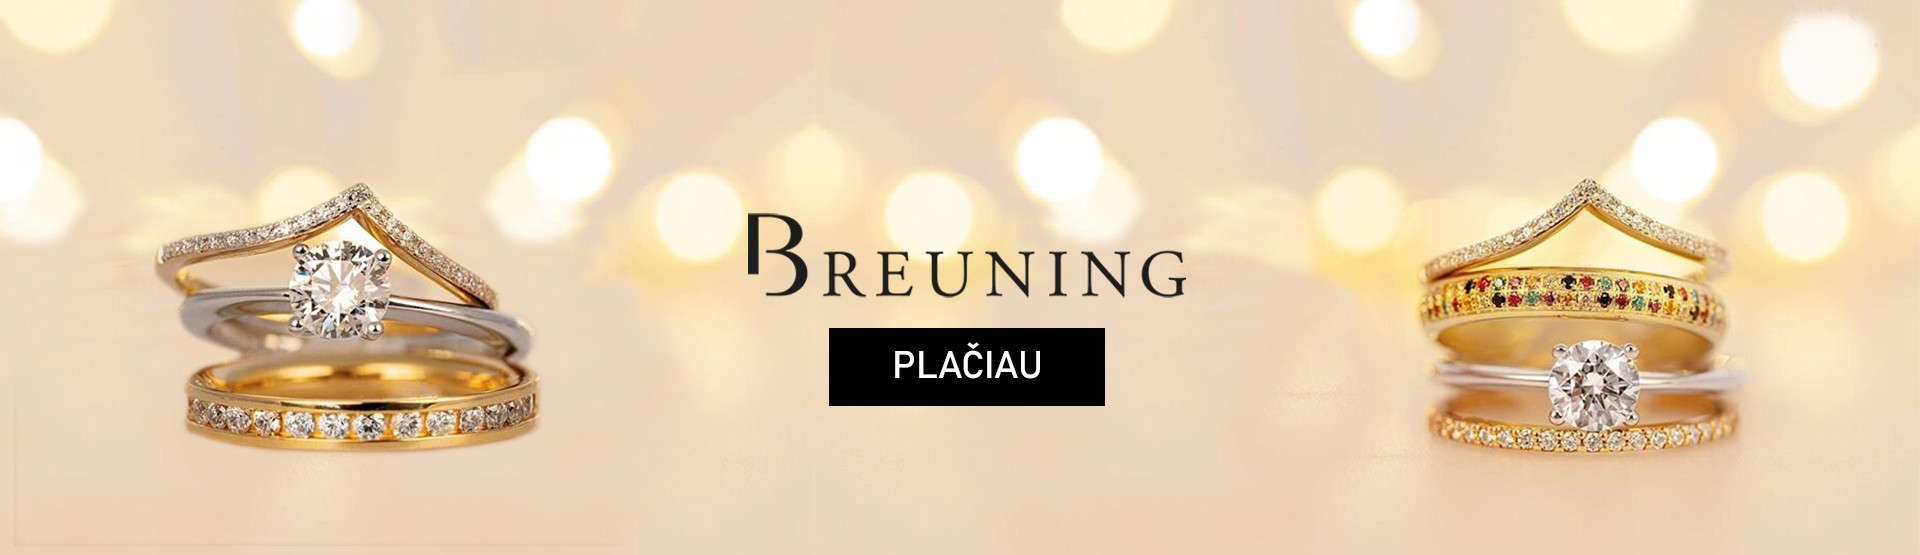 Breuning žiedų kolekcijos